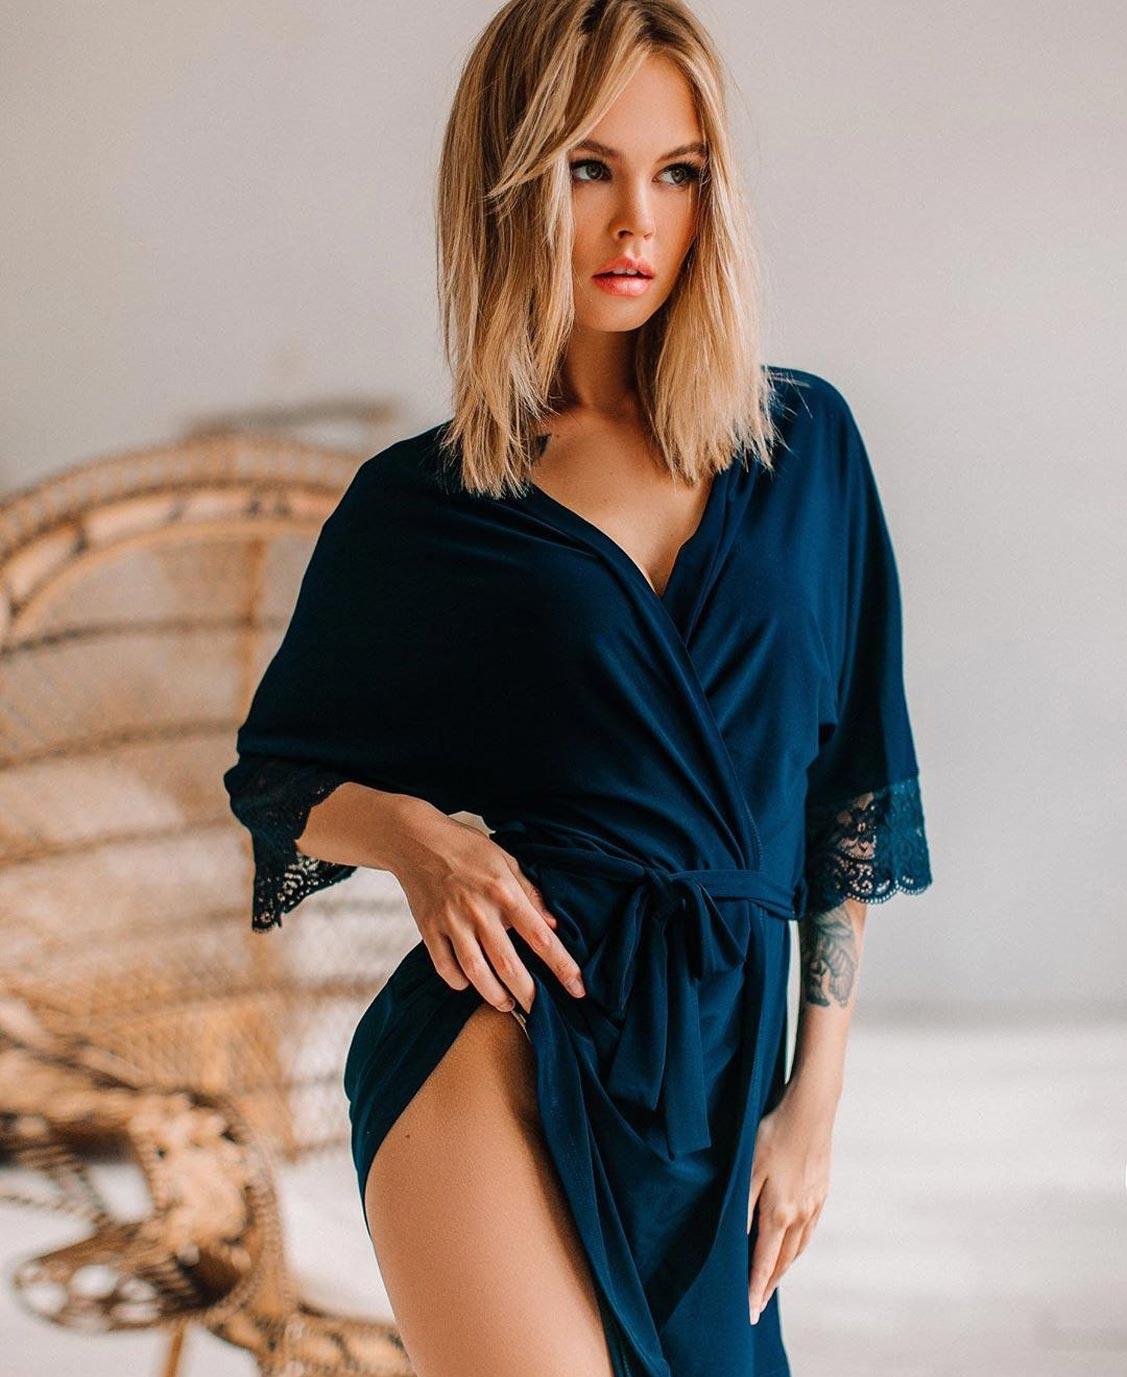 Анастасия Щеглова в нижнем белье торговой марки MissX / фото 34